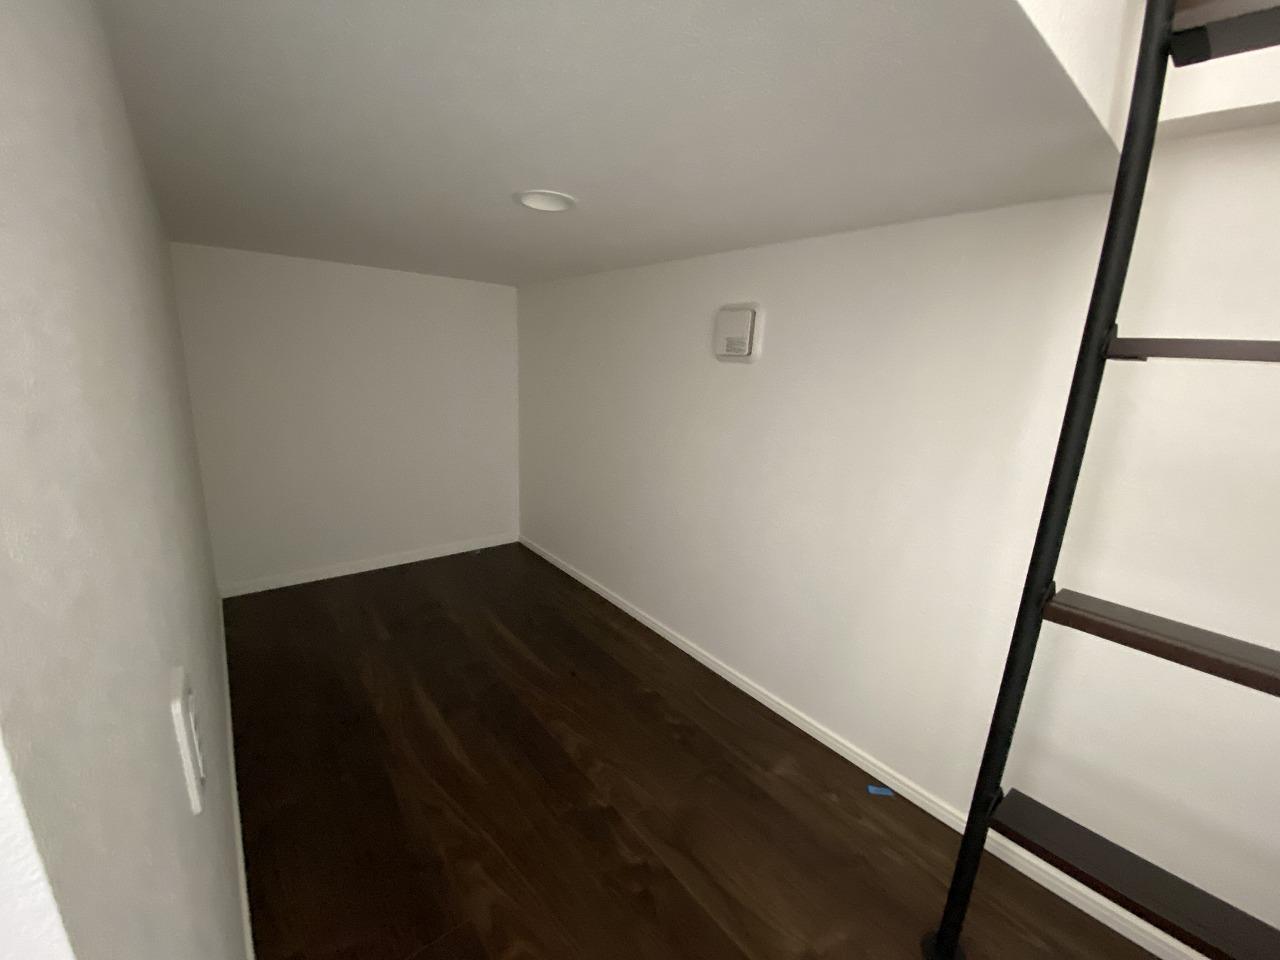 二段ベッドで収納スペースとしても活用可能です!(賃貸部分)